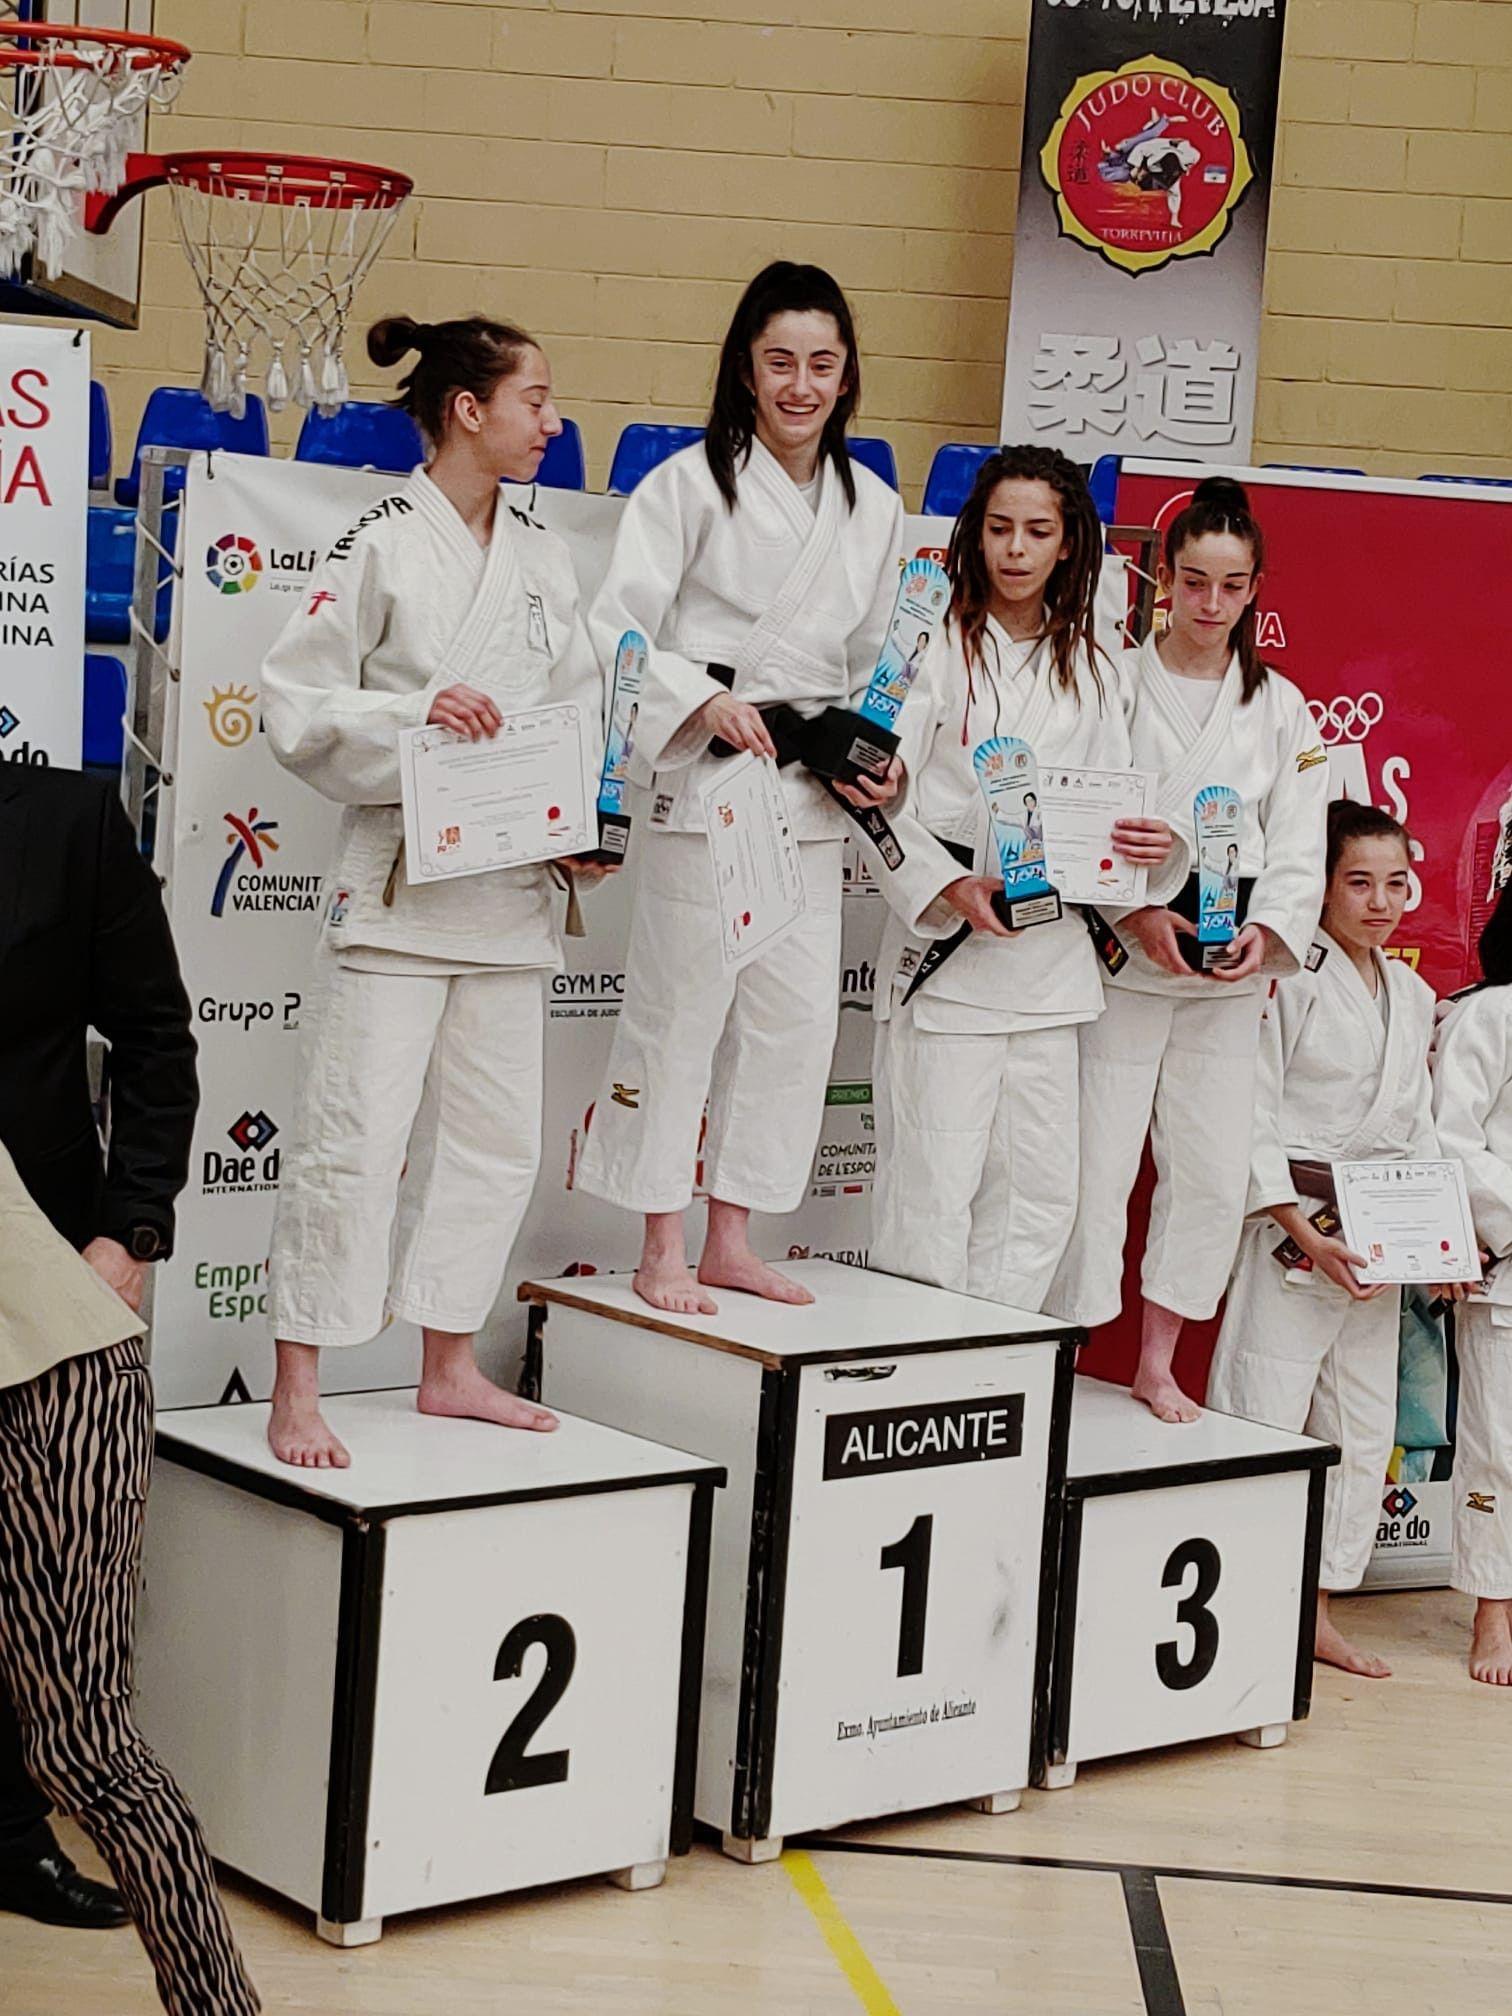 Carla en podium Alicante 2020